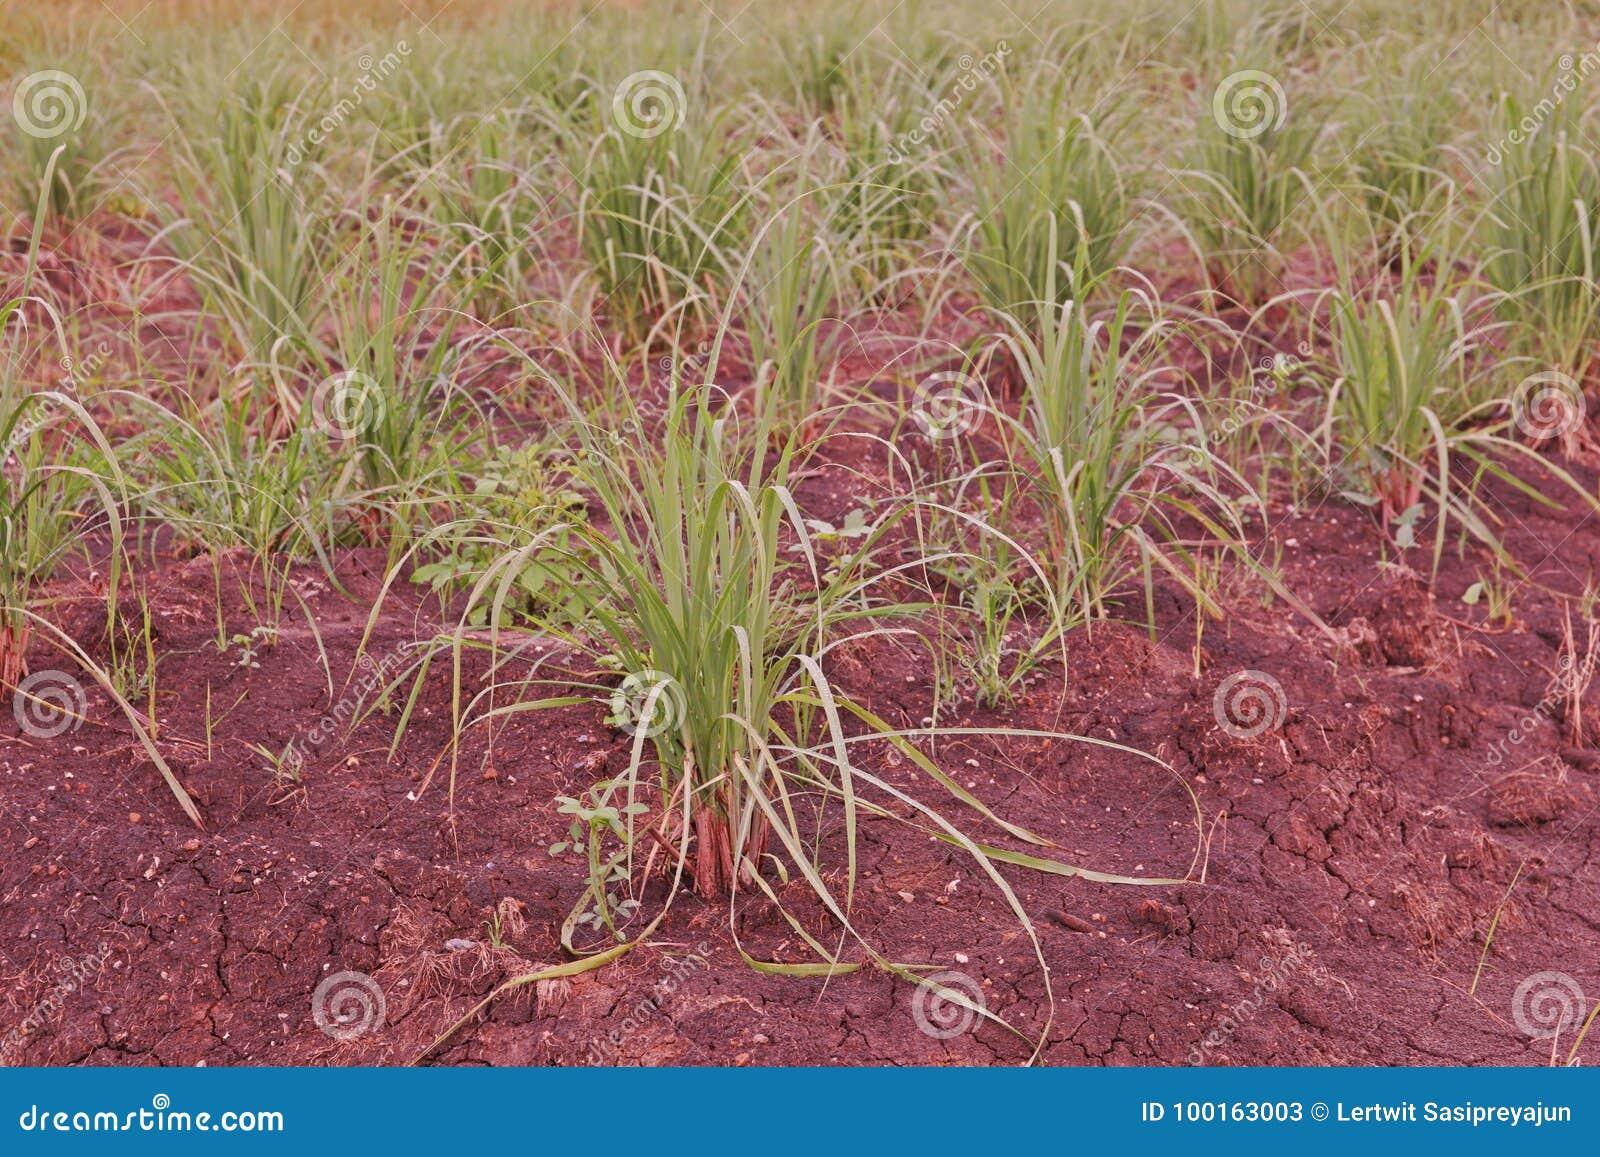 Lemon grass in production field